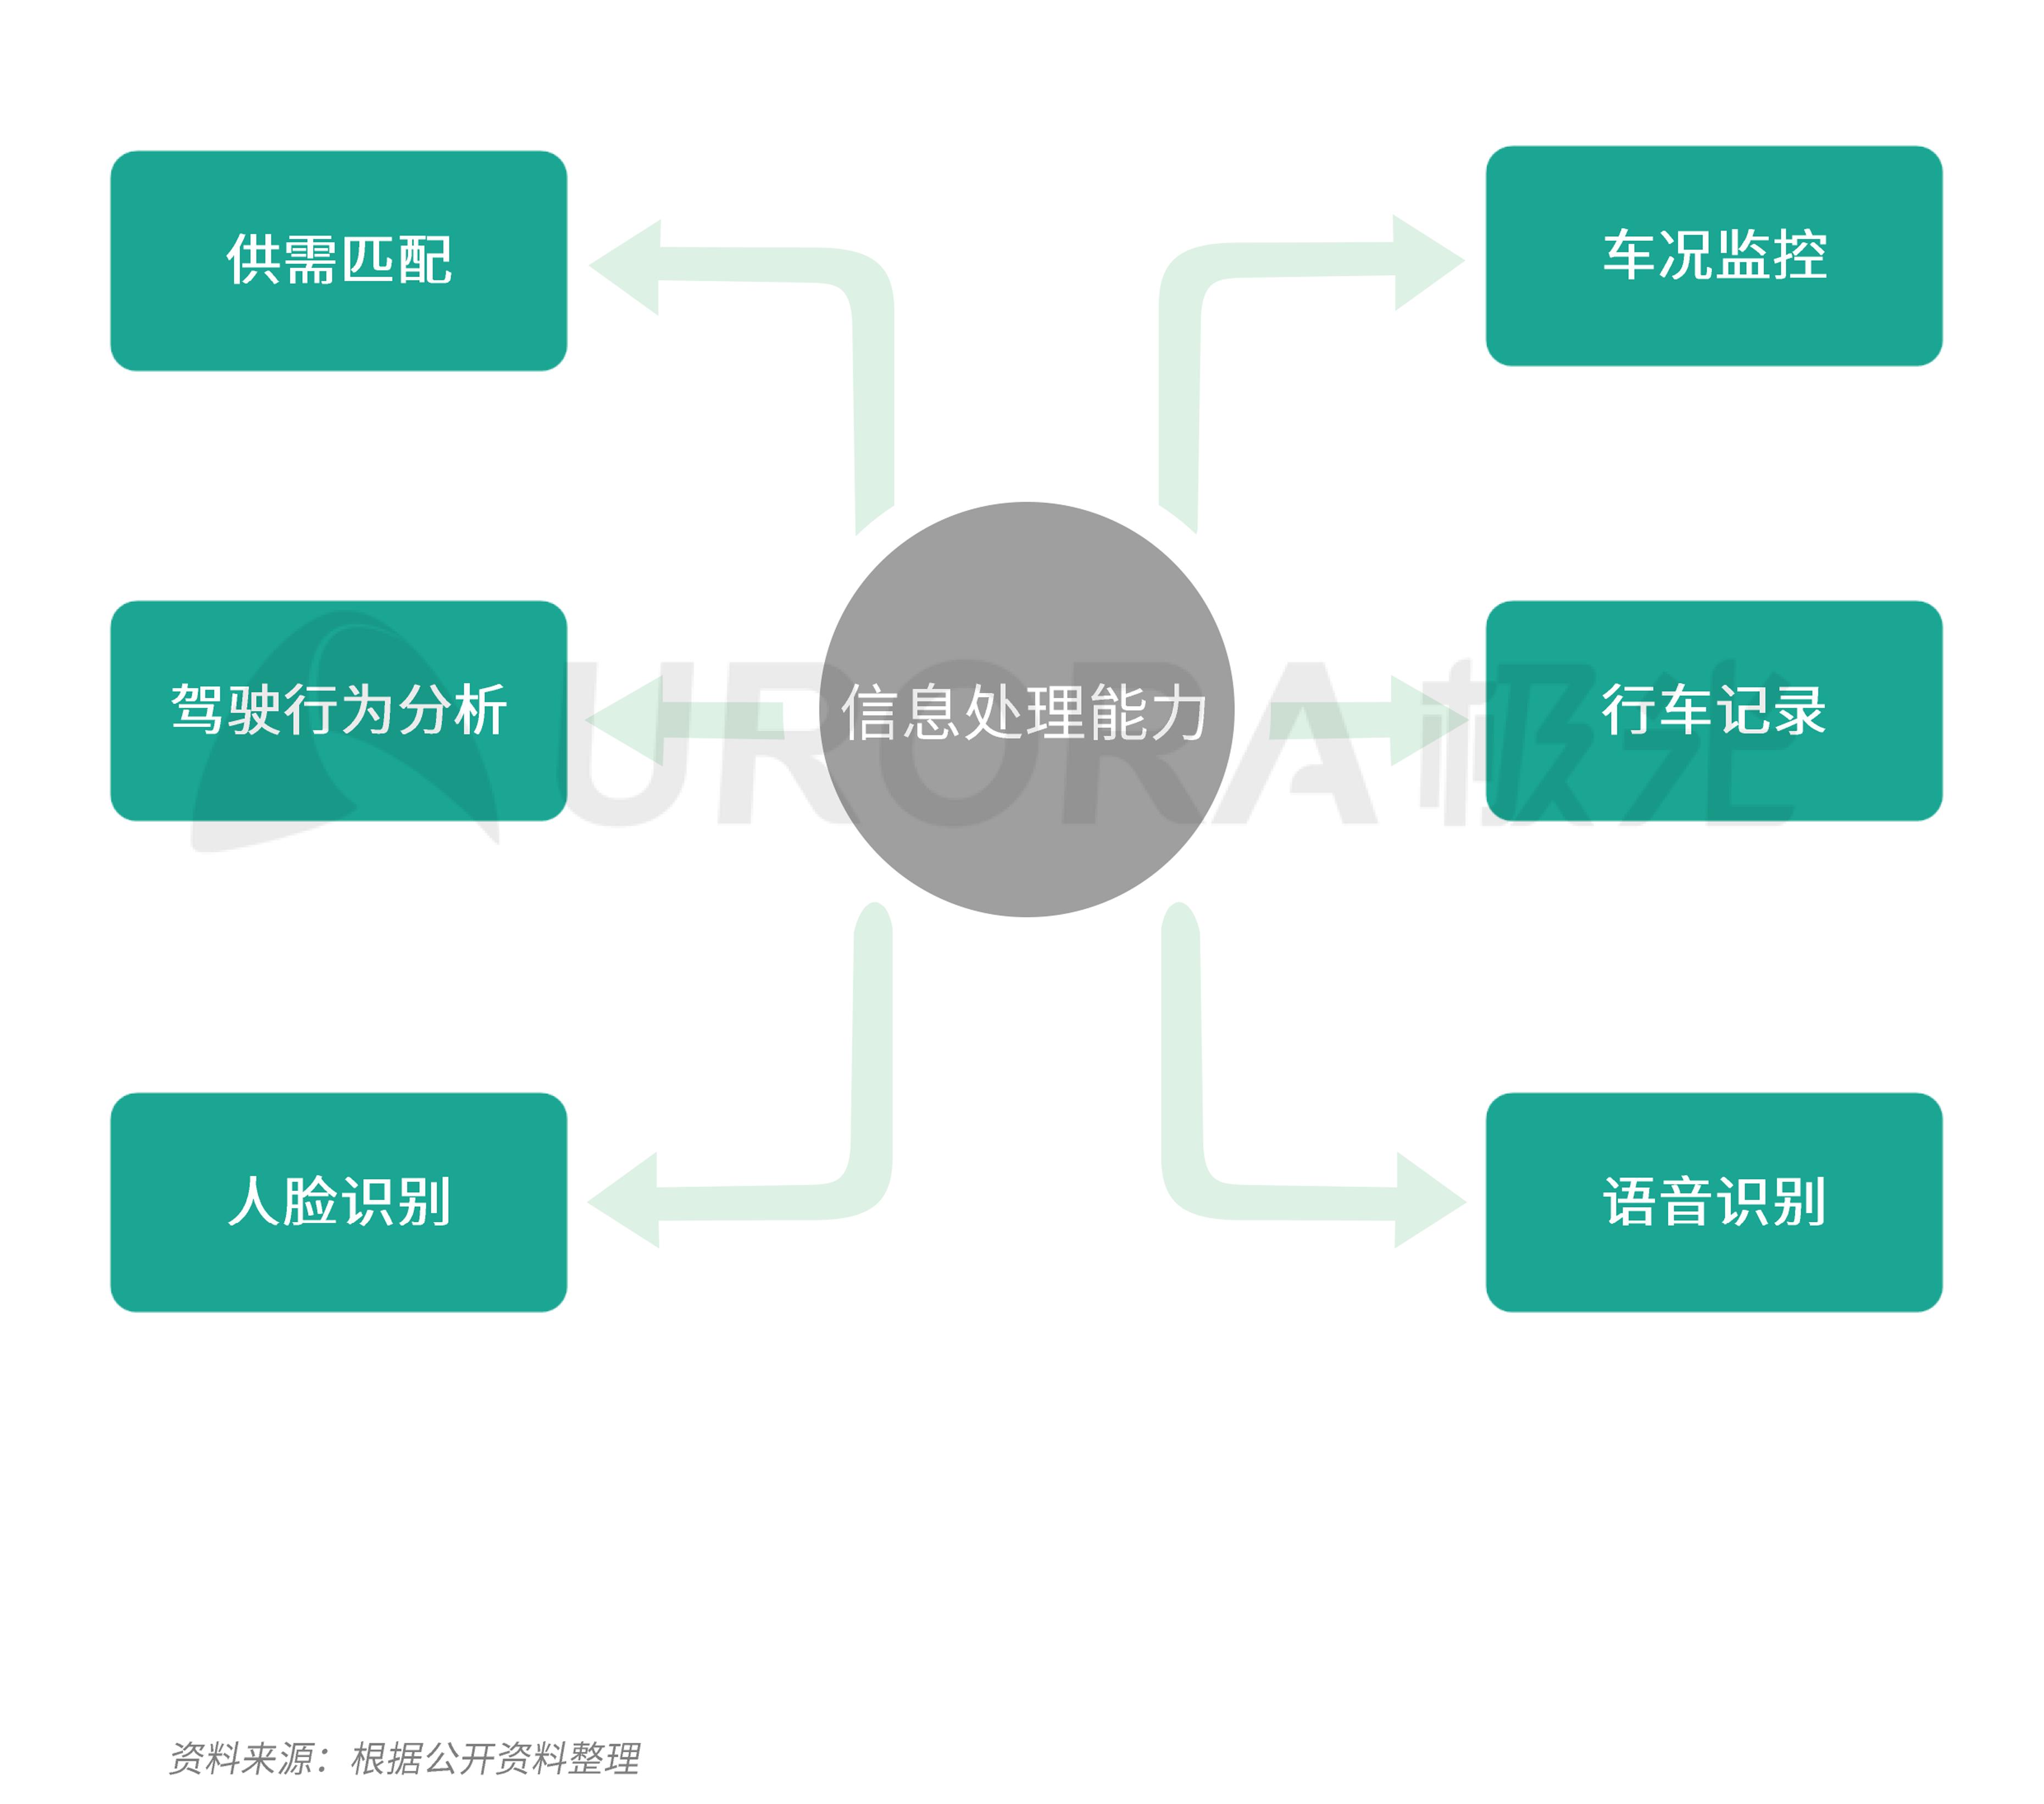 极光:汽车产业新格局 (21).png